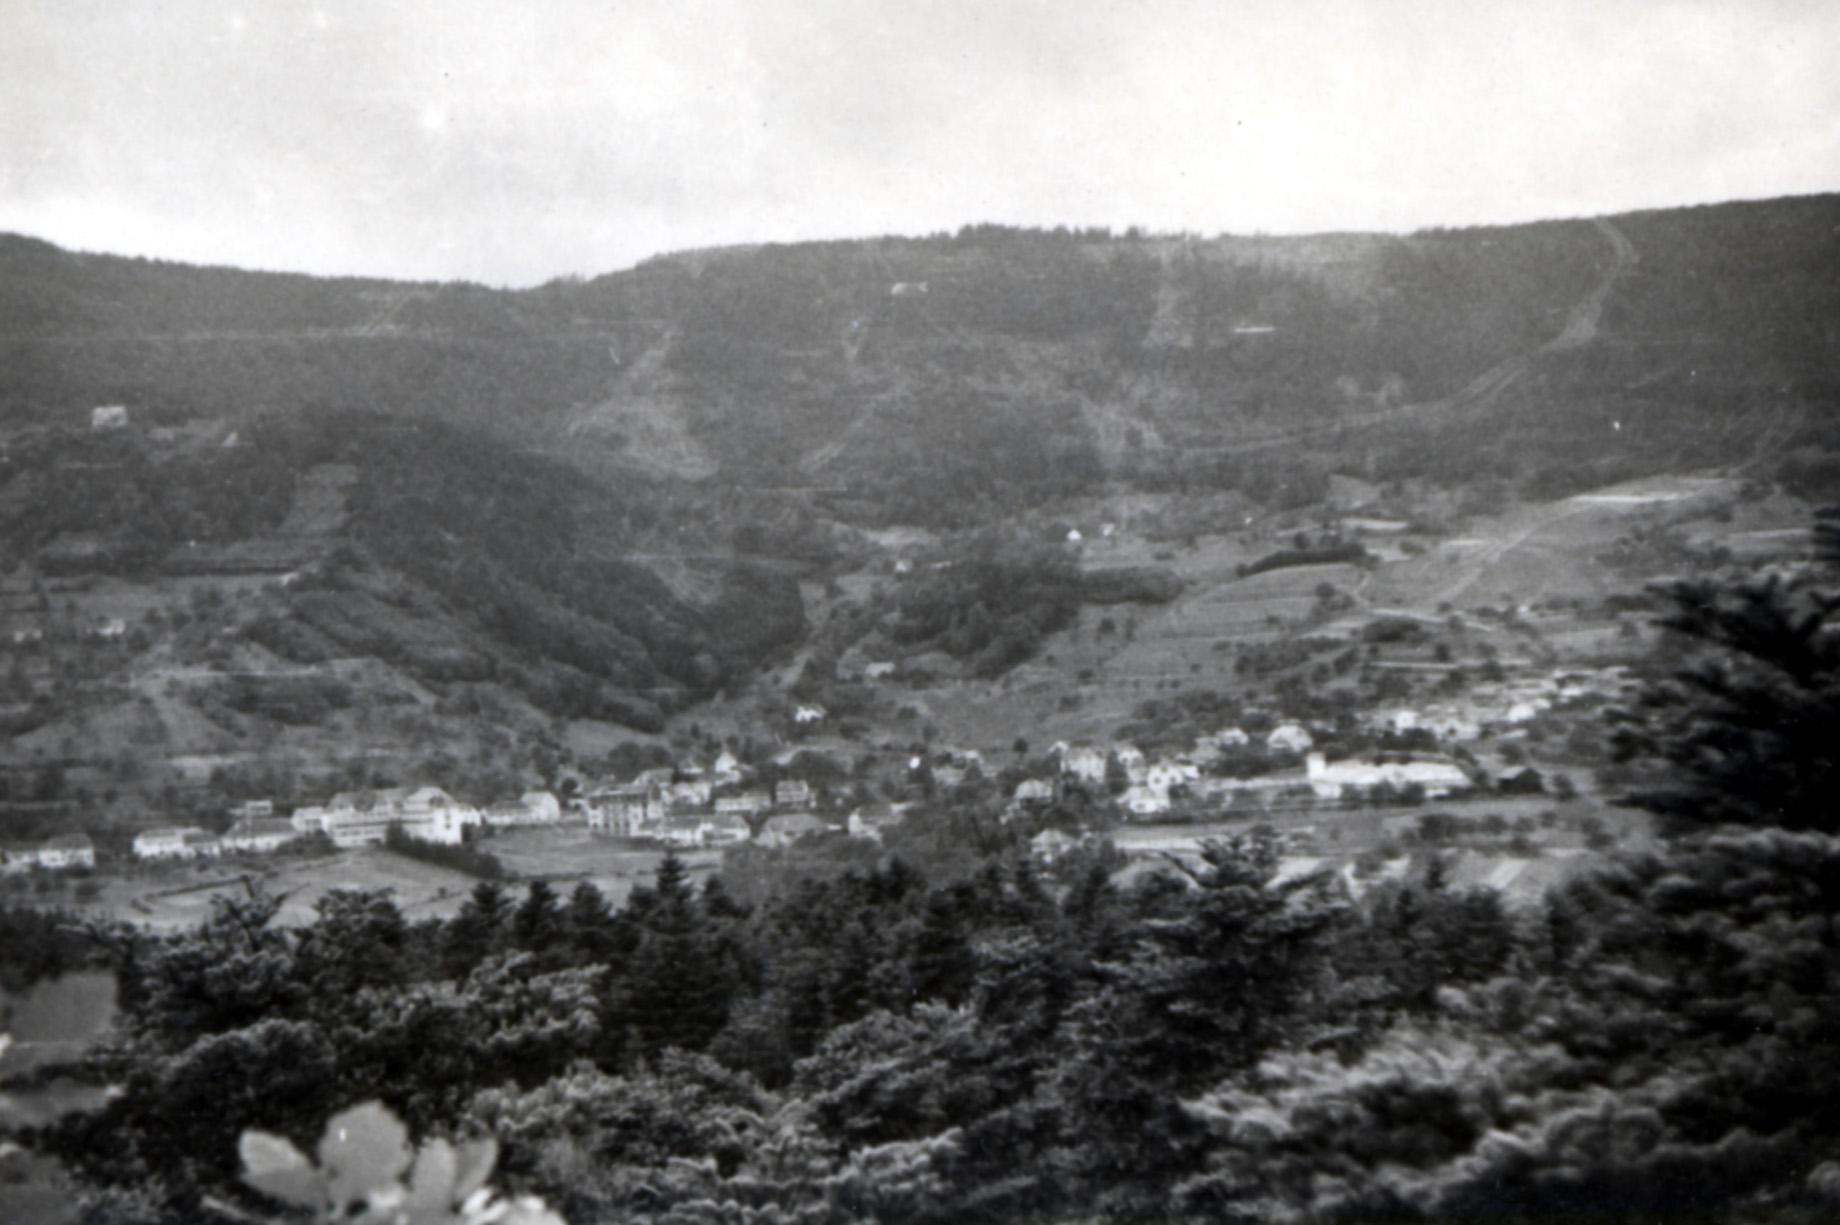 1935-1940 thannenkirch